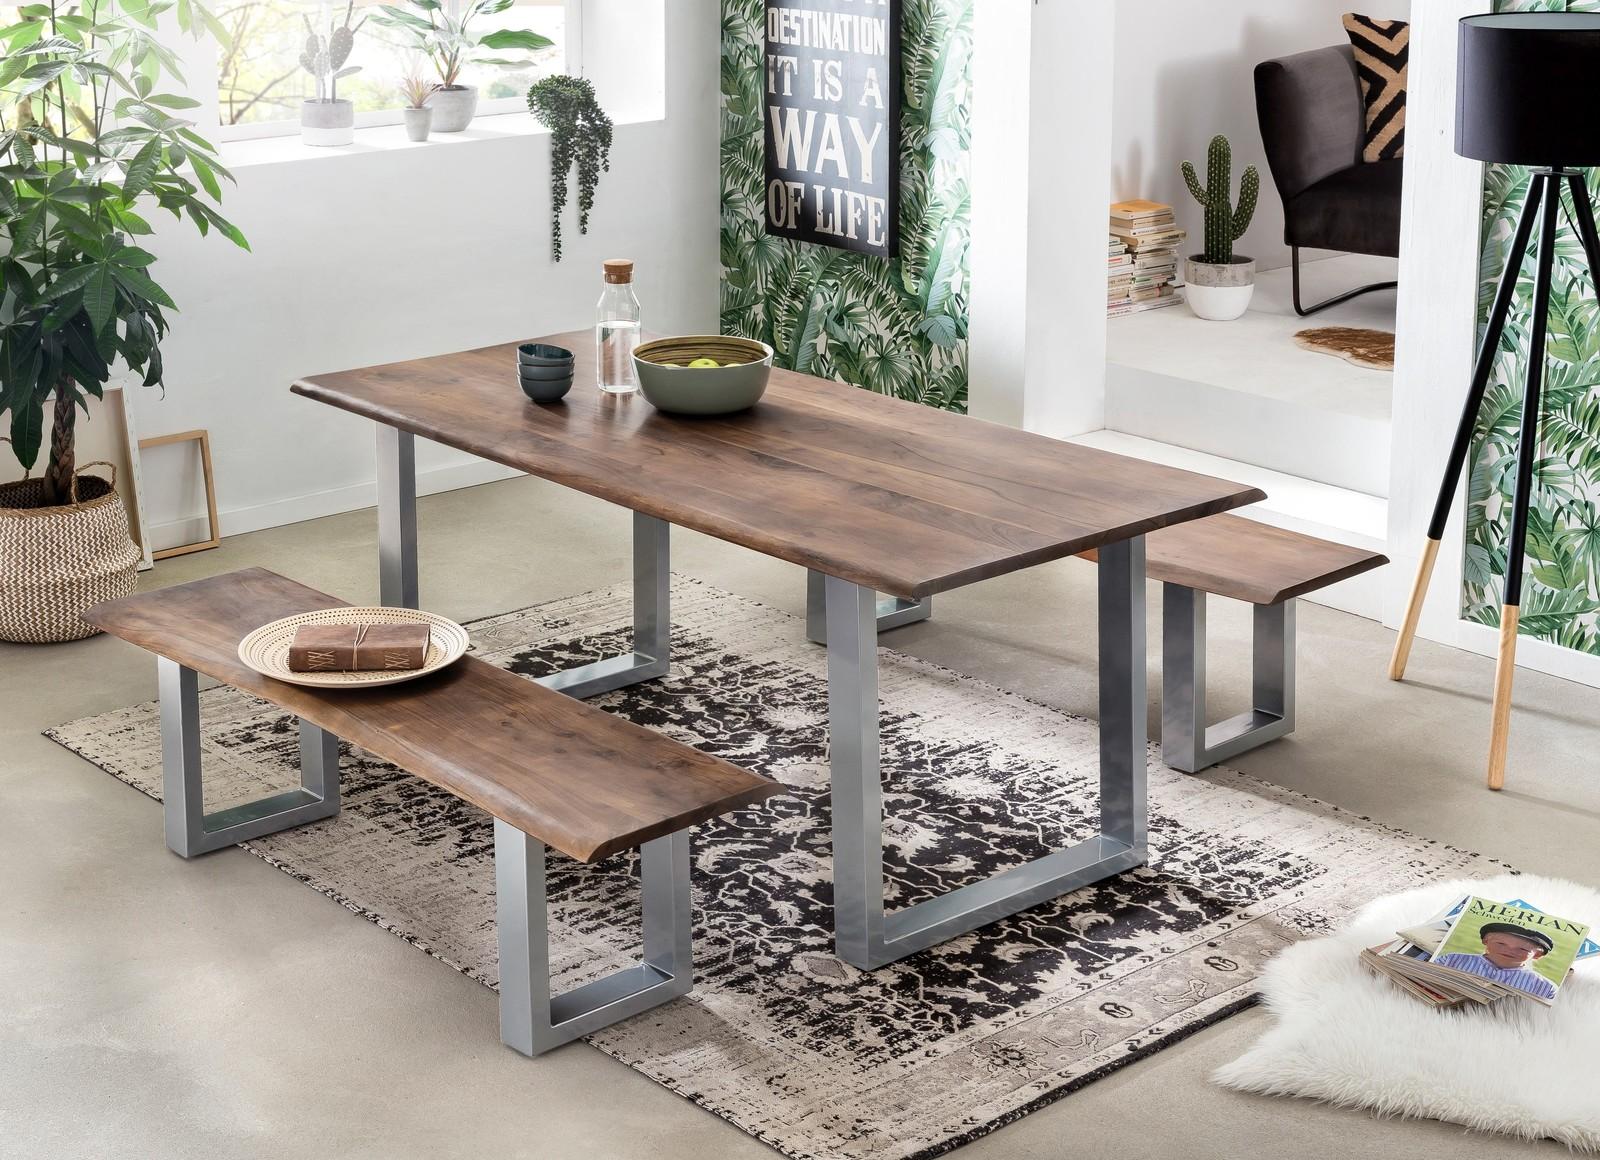 TISCHE & BÄNKE Tisch 120 x 80 cm